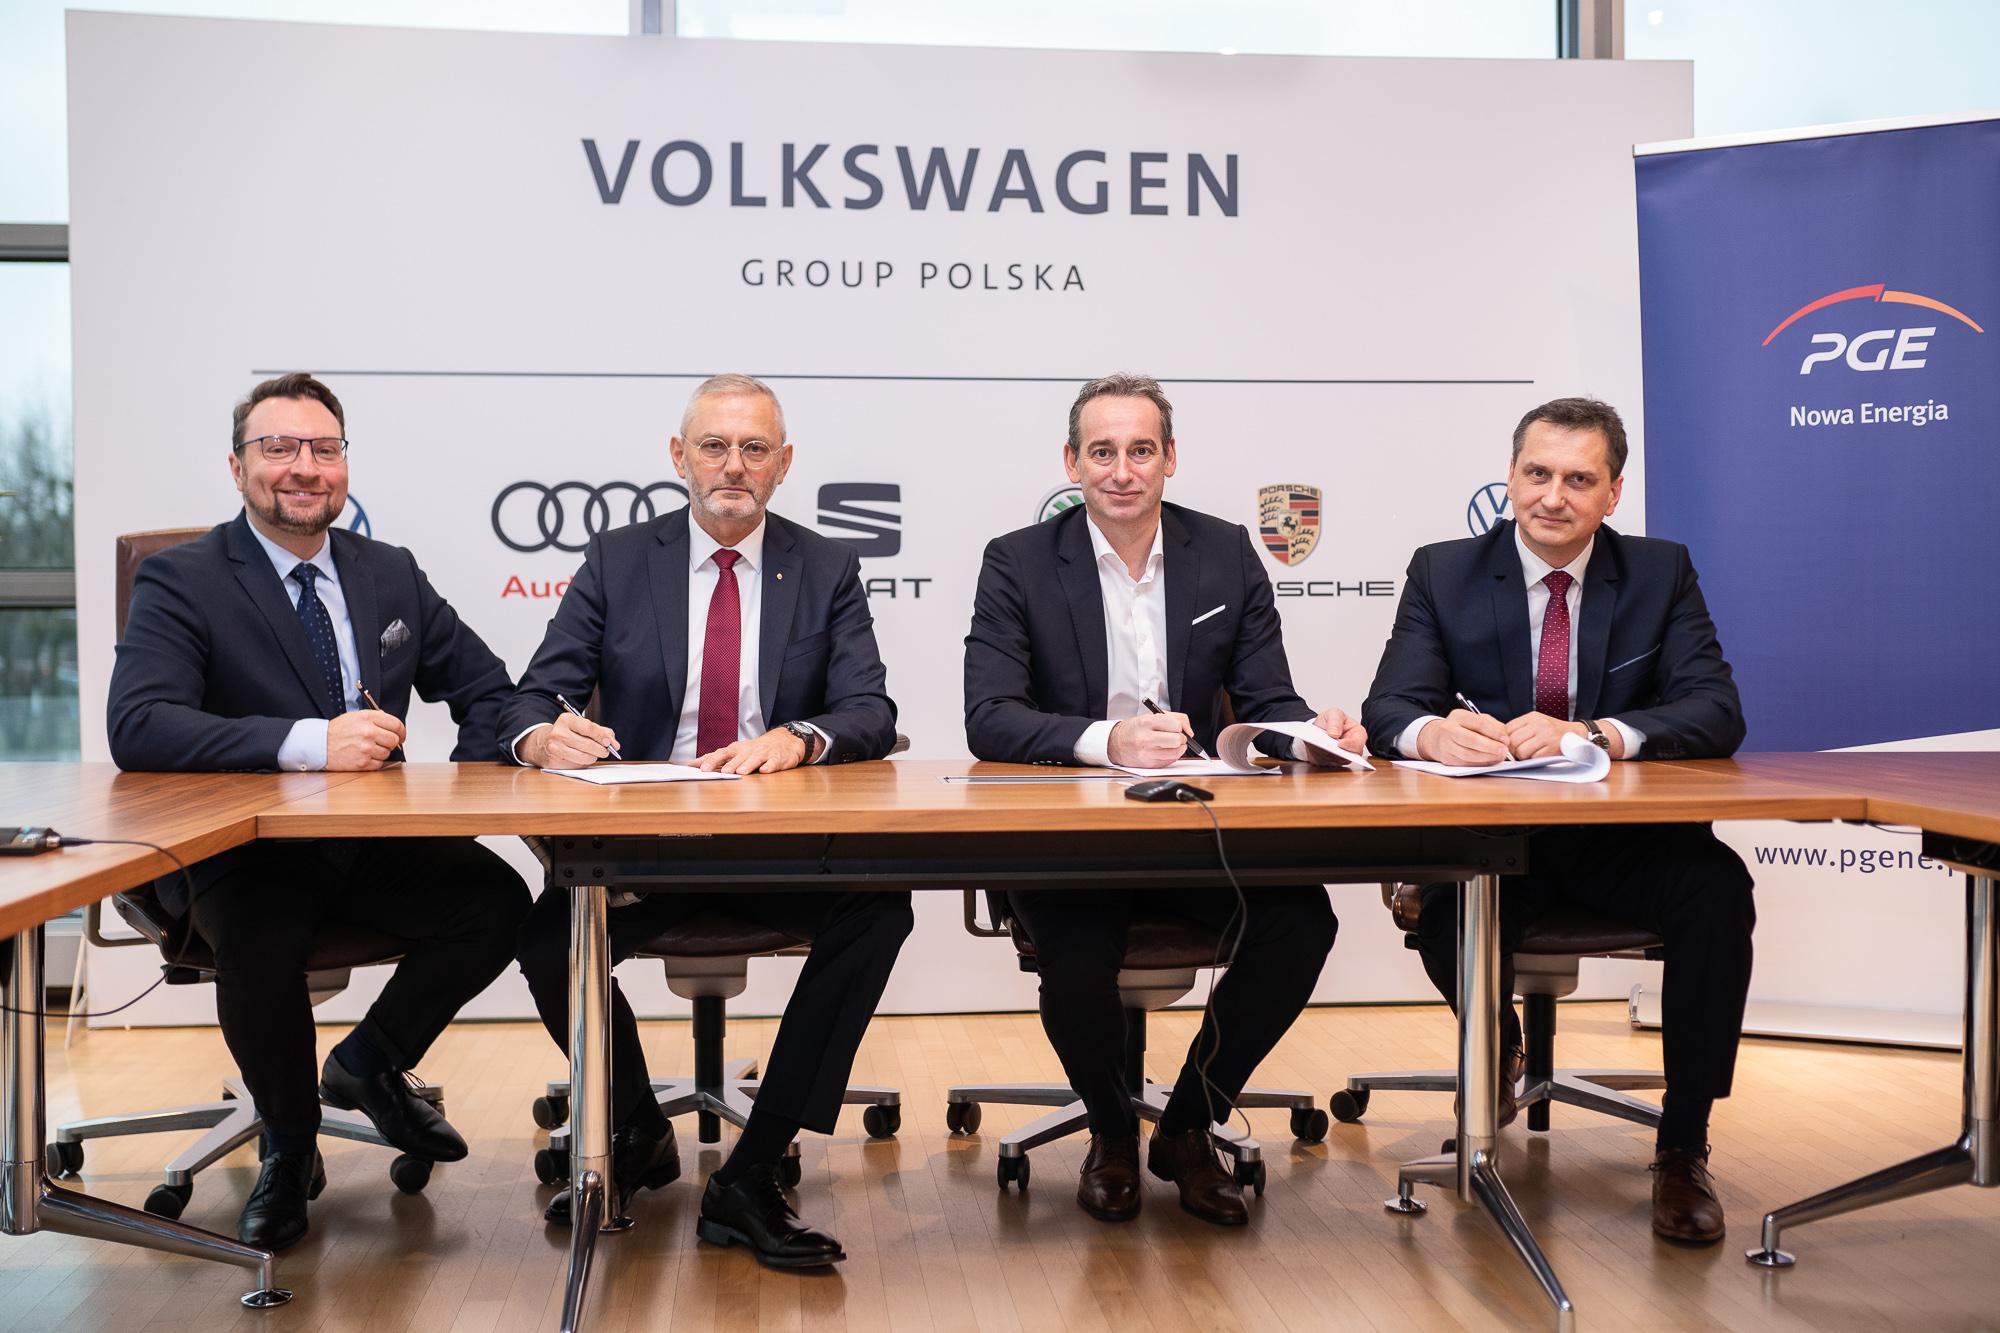 pge-nowa-energia_volkswagen.jpg